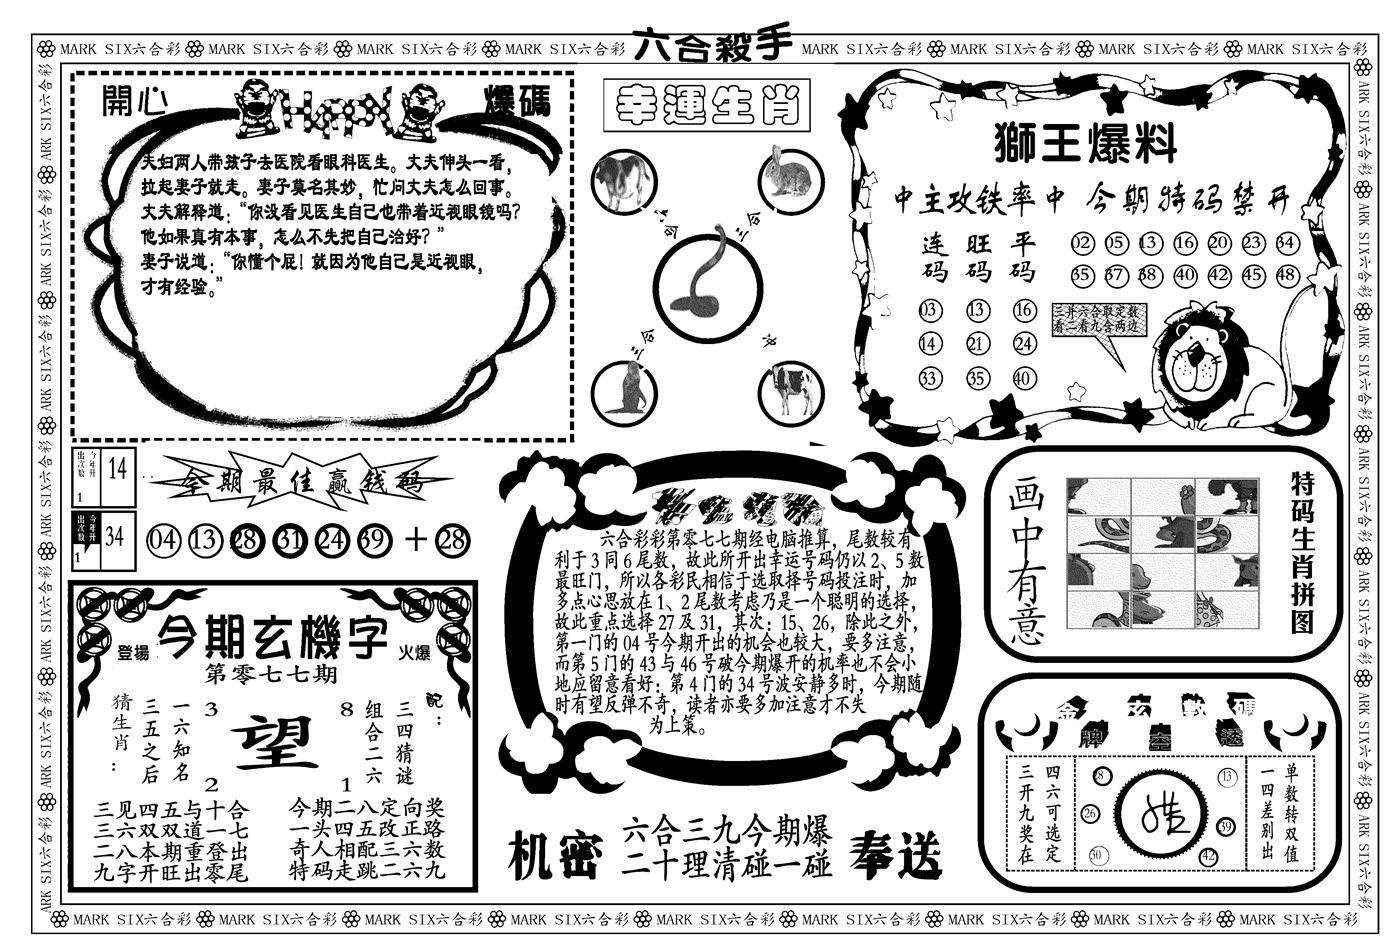 077期新六合杀手B(黑白)